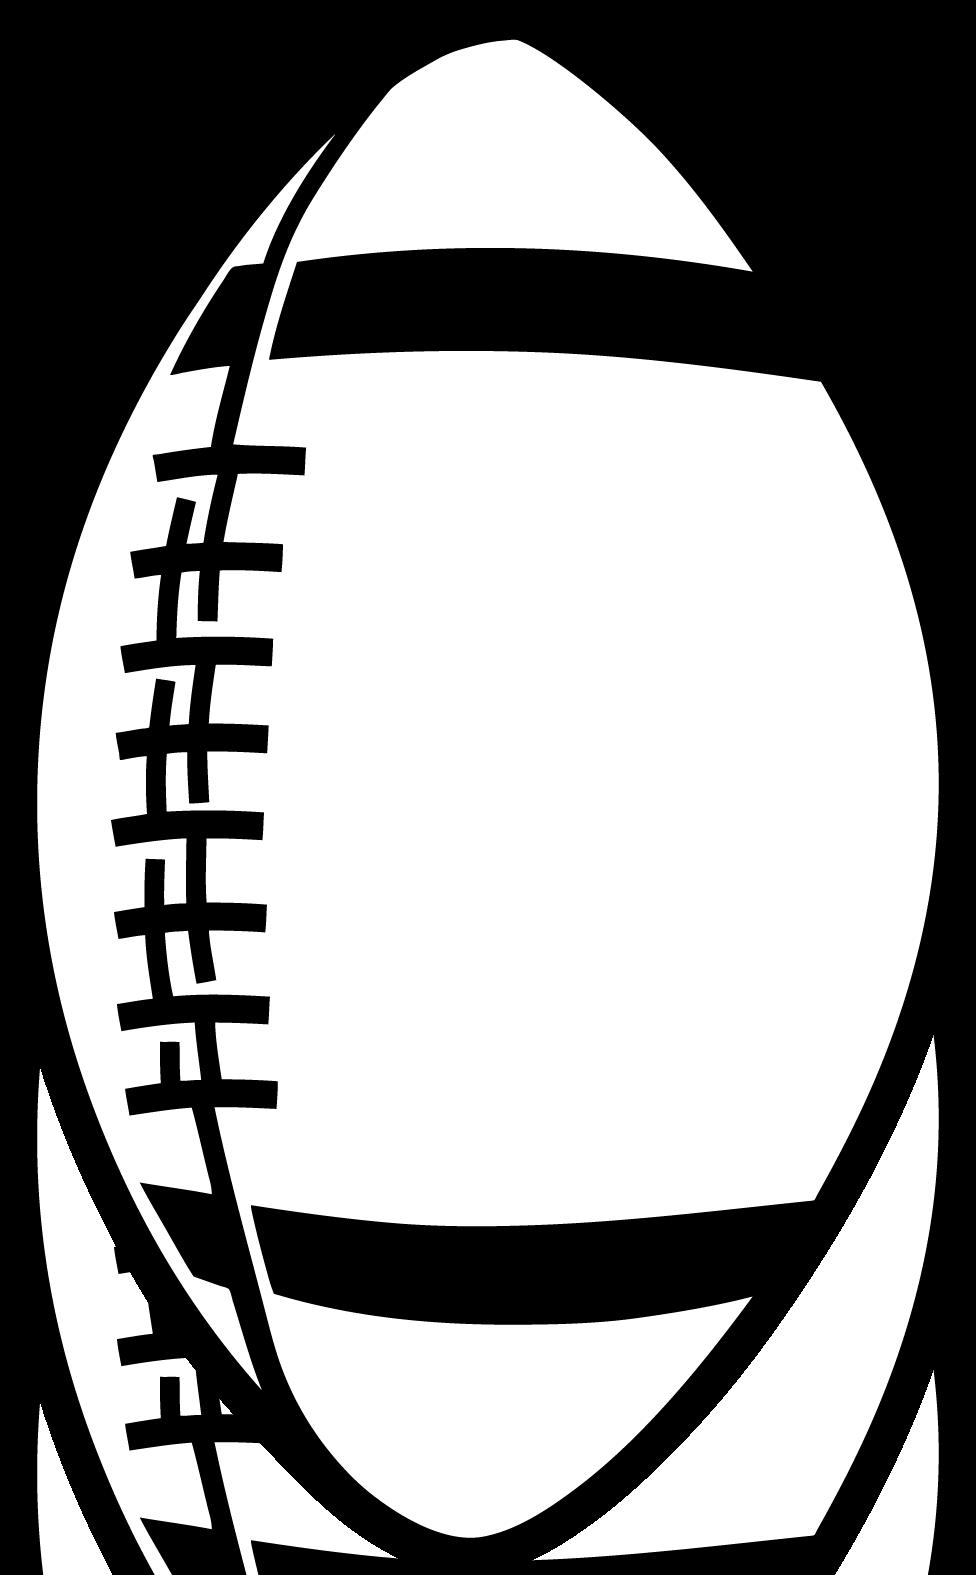 976x1575 Football Images Clip Art